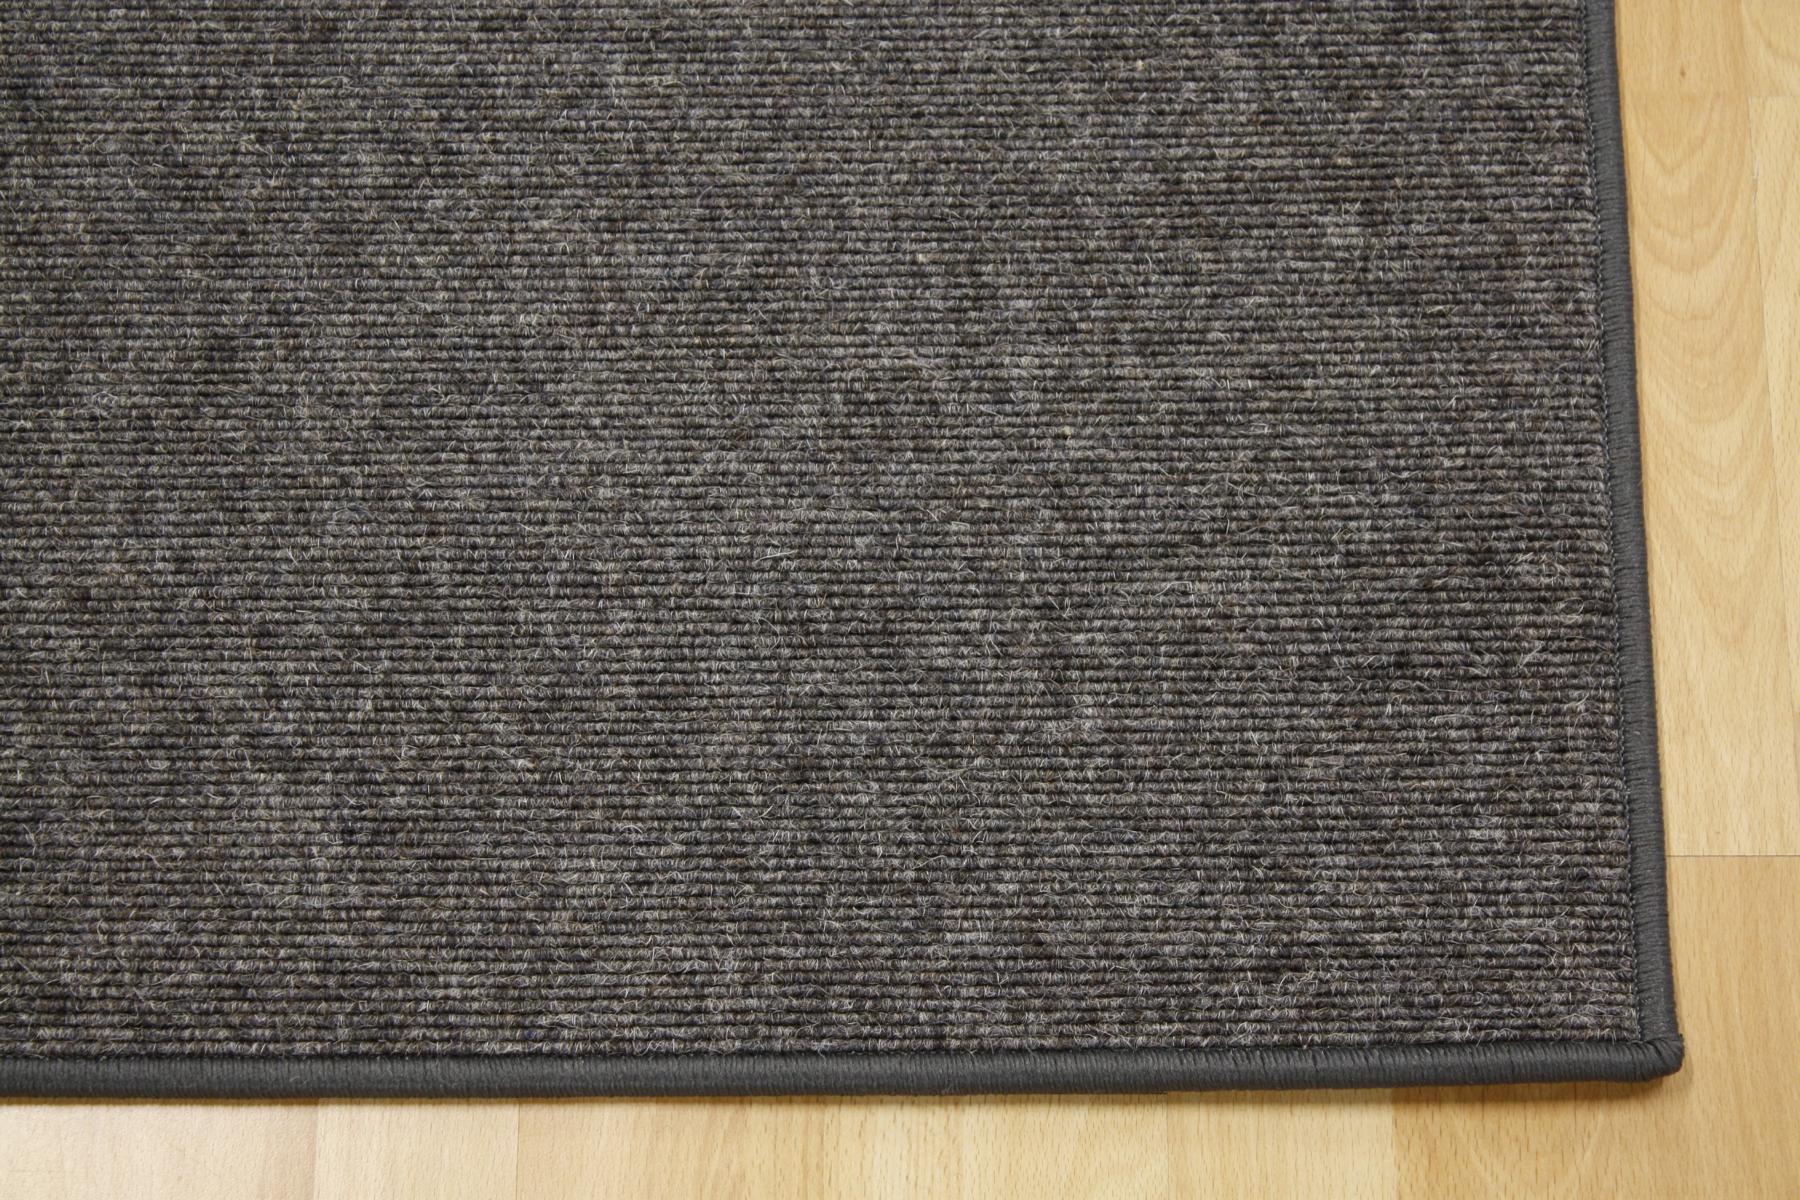 teppich gots 12594620171106. Black Bedroom Furniture Sets. Home Design Ideas